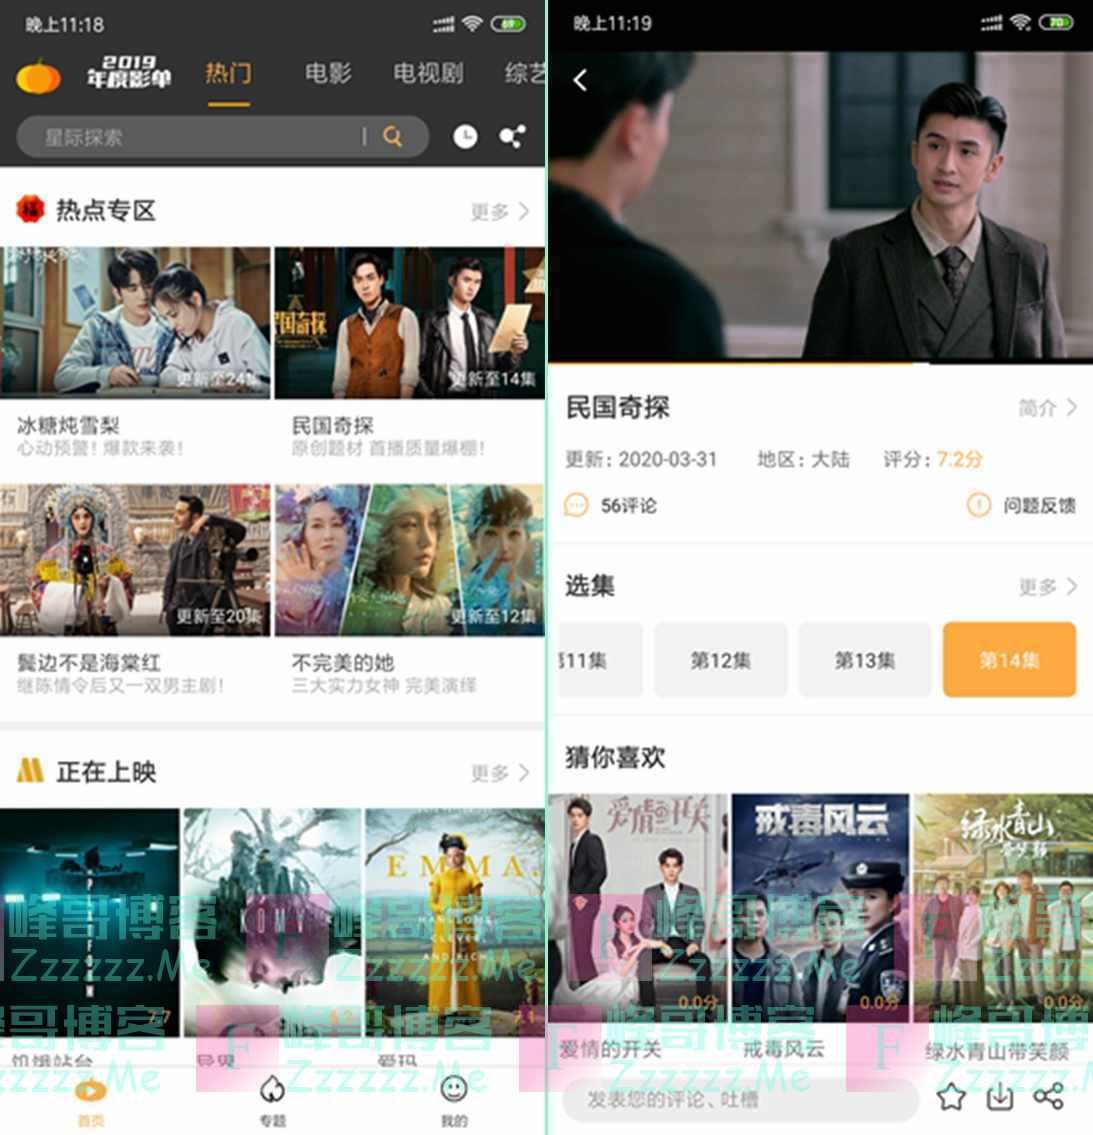 安卓南瓜影视V1.3.6.5 永久VIP会员去广告破解版 支持投屏